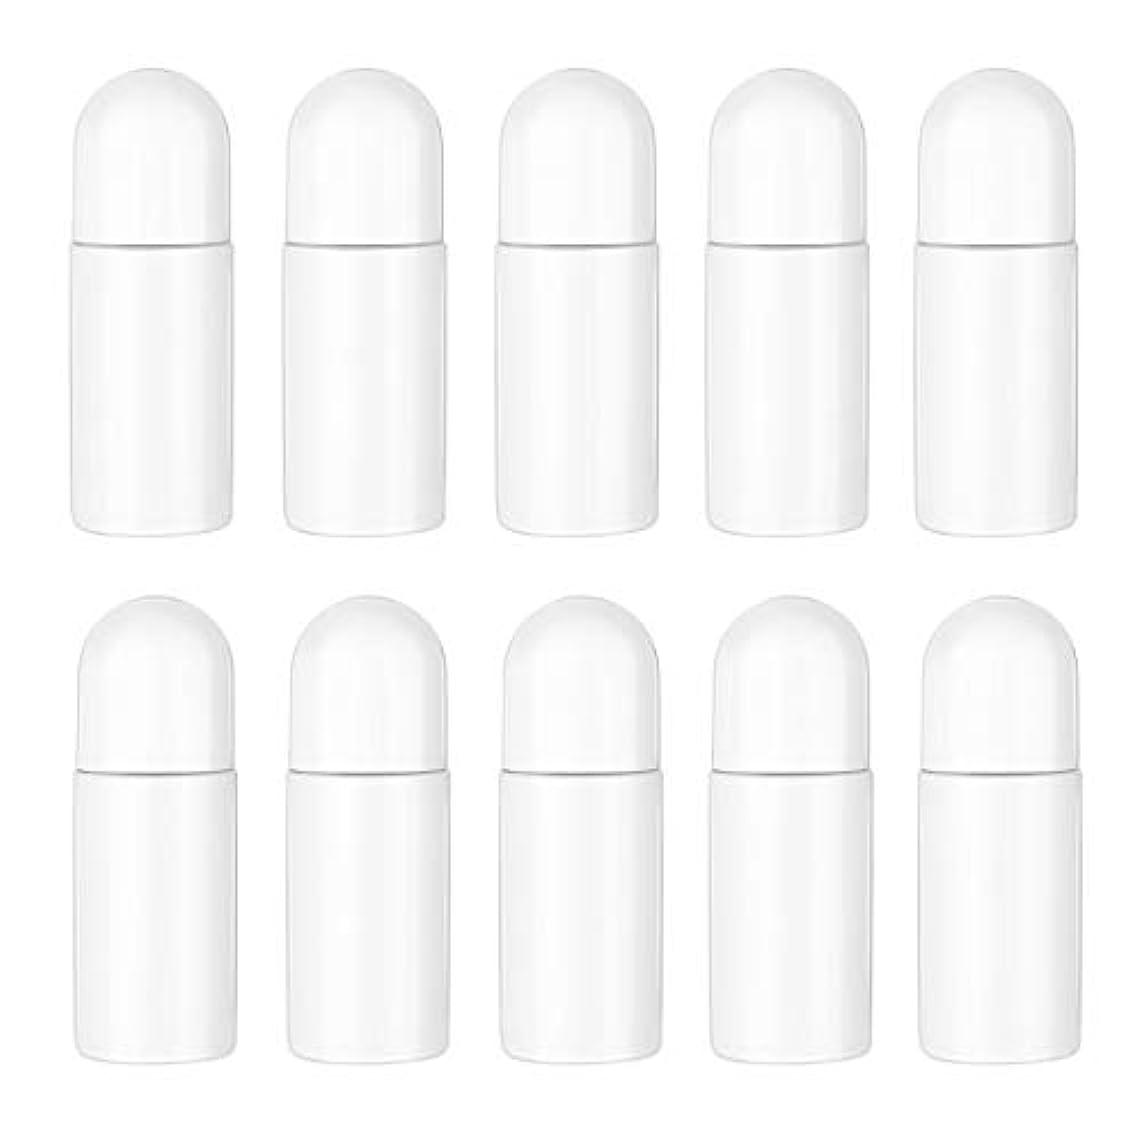 ただアーティファクト性格Healifty エッセンシャルオイル香水化粧品50 ml(白)の10ピースプラスチックローラーボトル空の詰め替え可能なローラーボールボトル